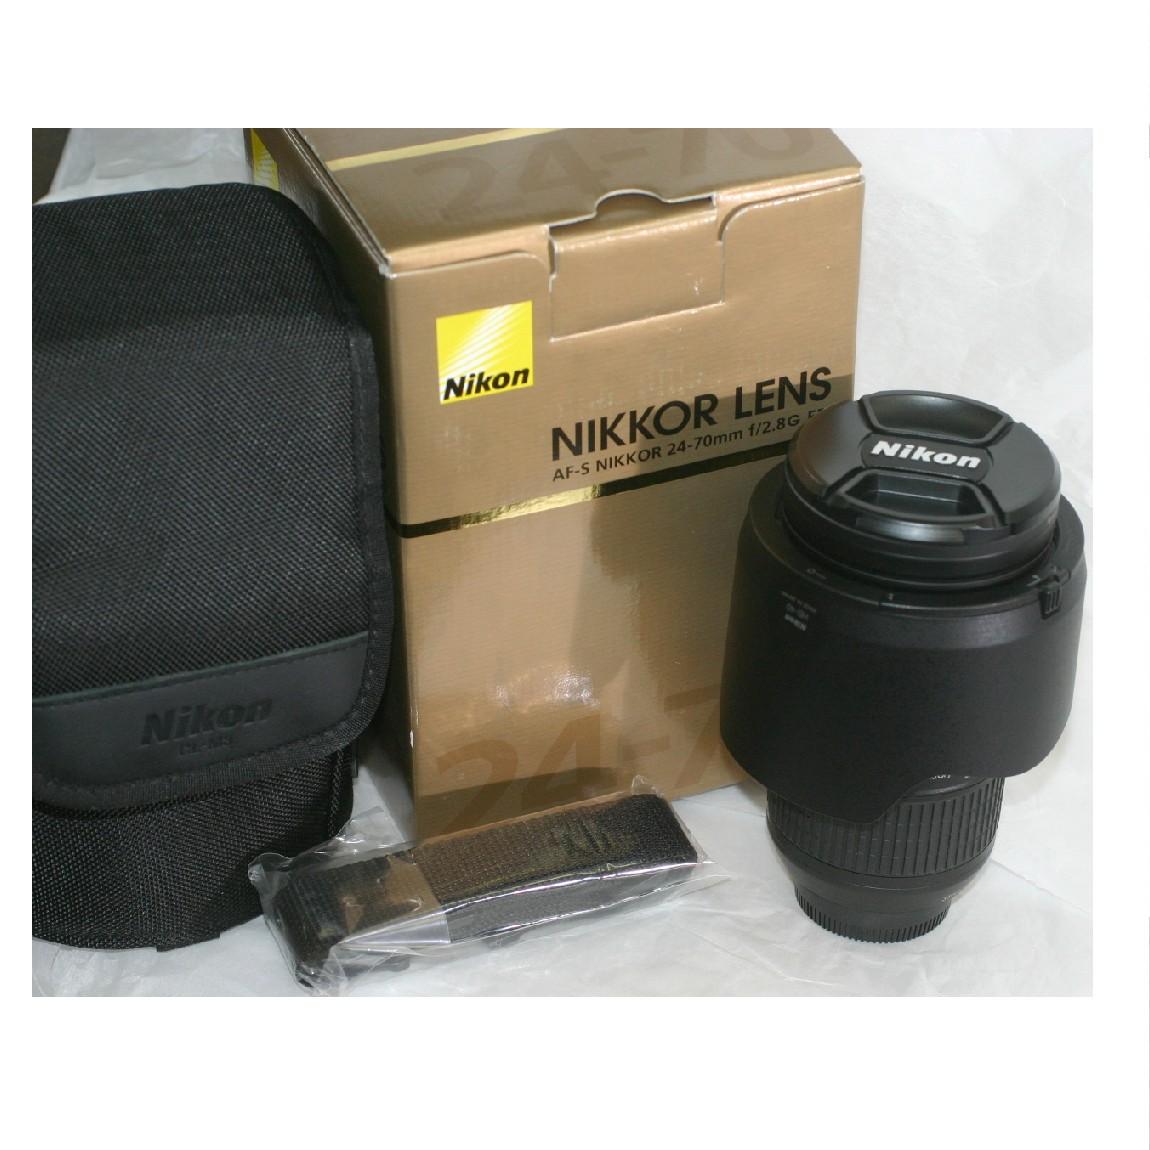 【中古】本物未使用ニコンのカメラレンズAF-Sニッコール24-70mmF2,8G ED ○F14-